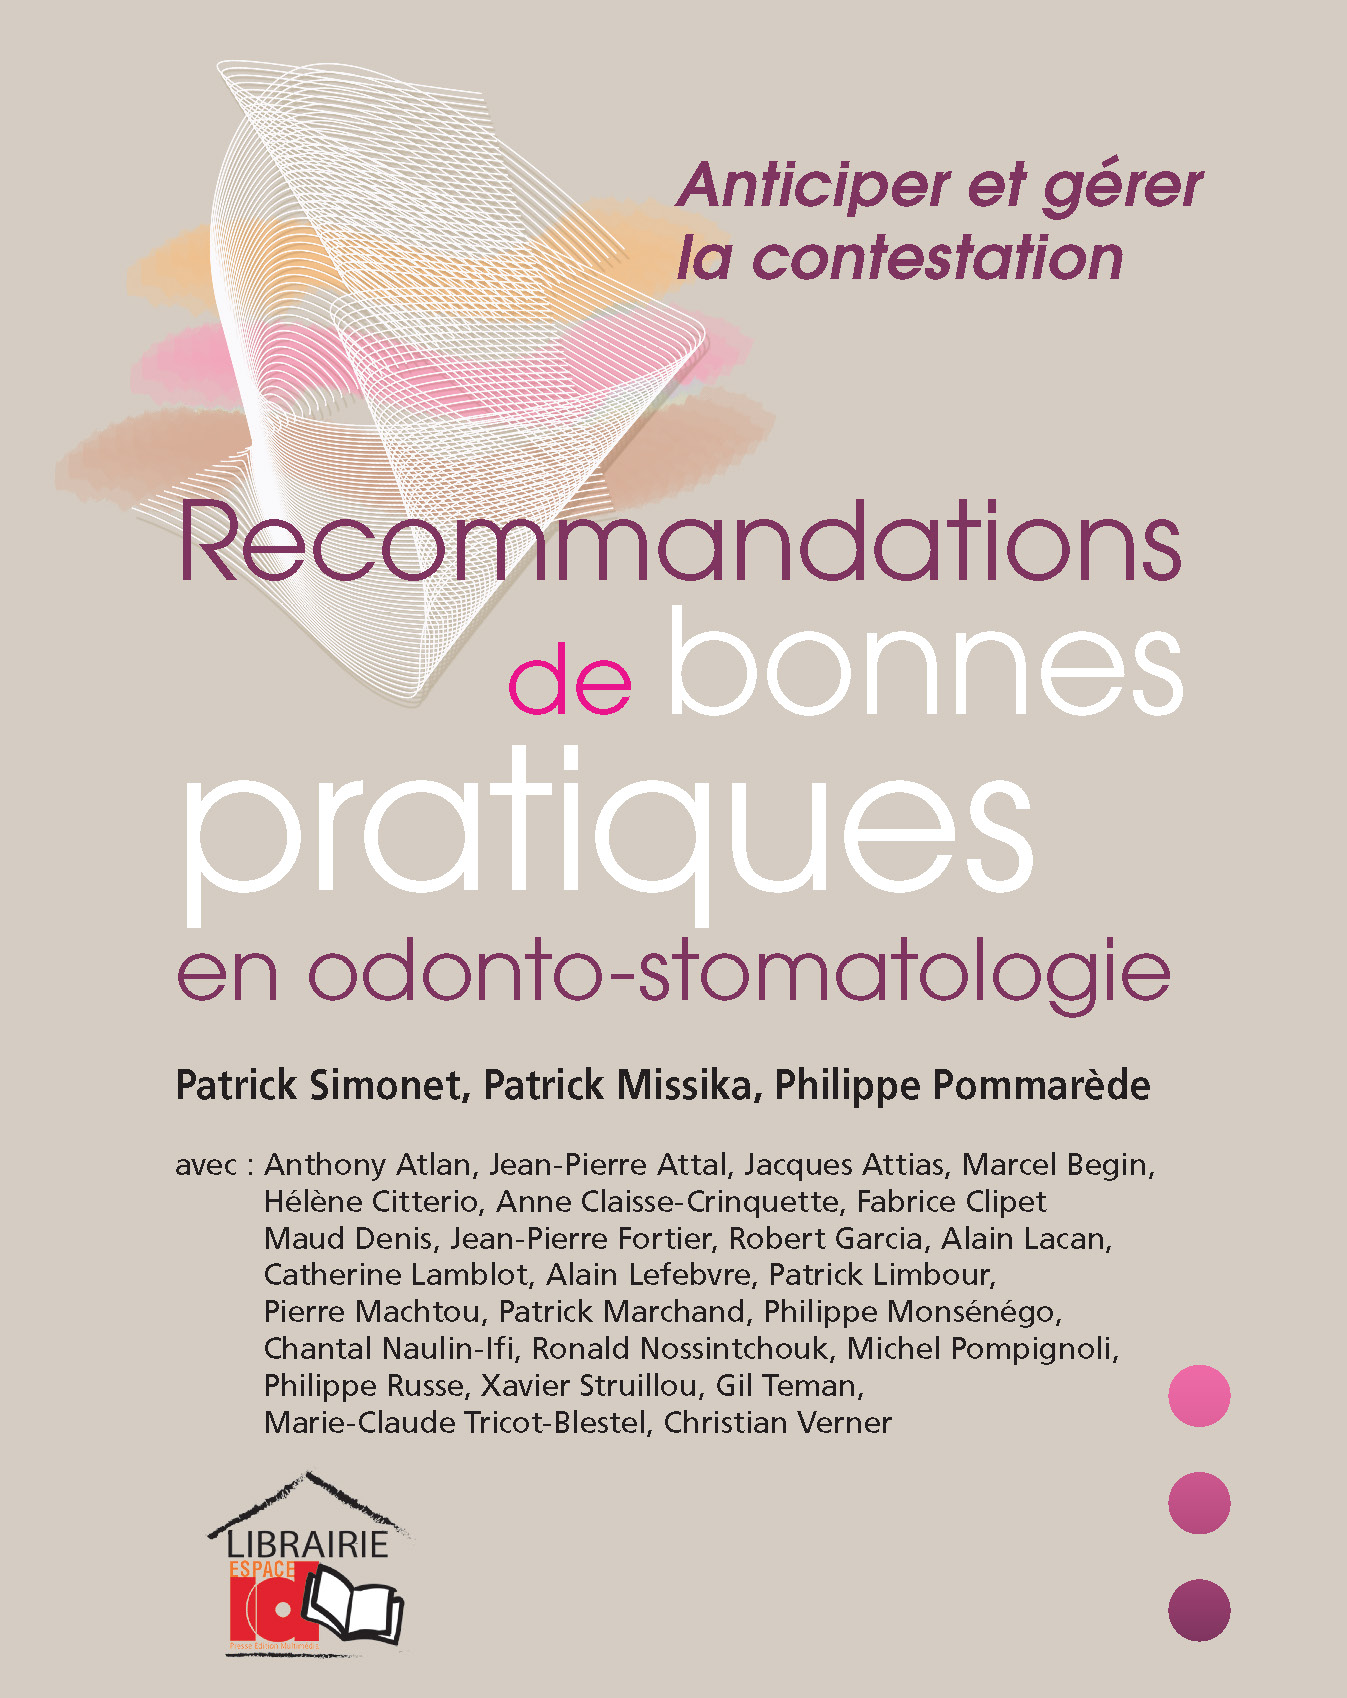 Recommandations de bonnes pratiques en odonto-stomatologie - Anticiper et gérer la contestation